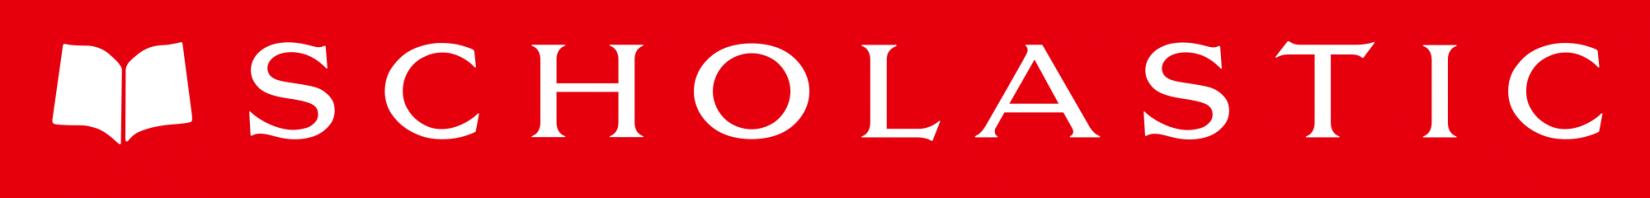 Scholastic Logo Font Forum Dafont Com